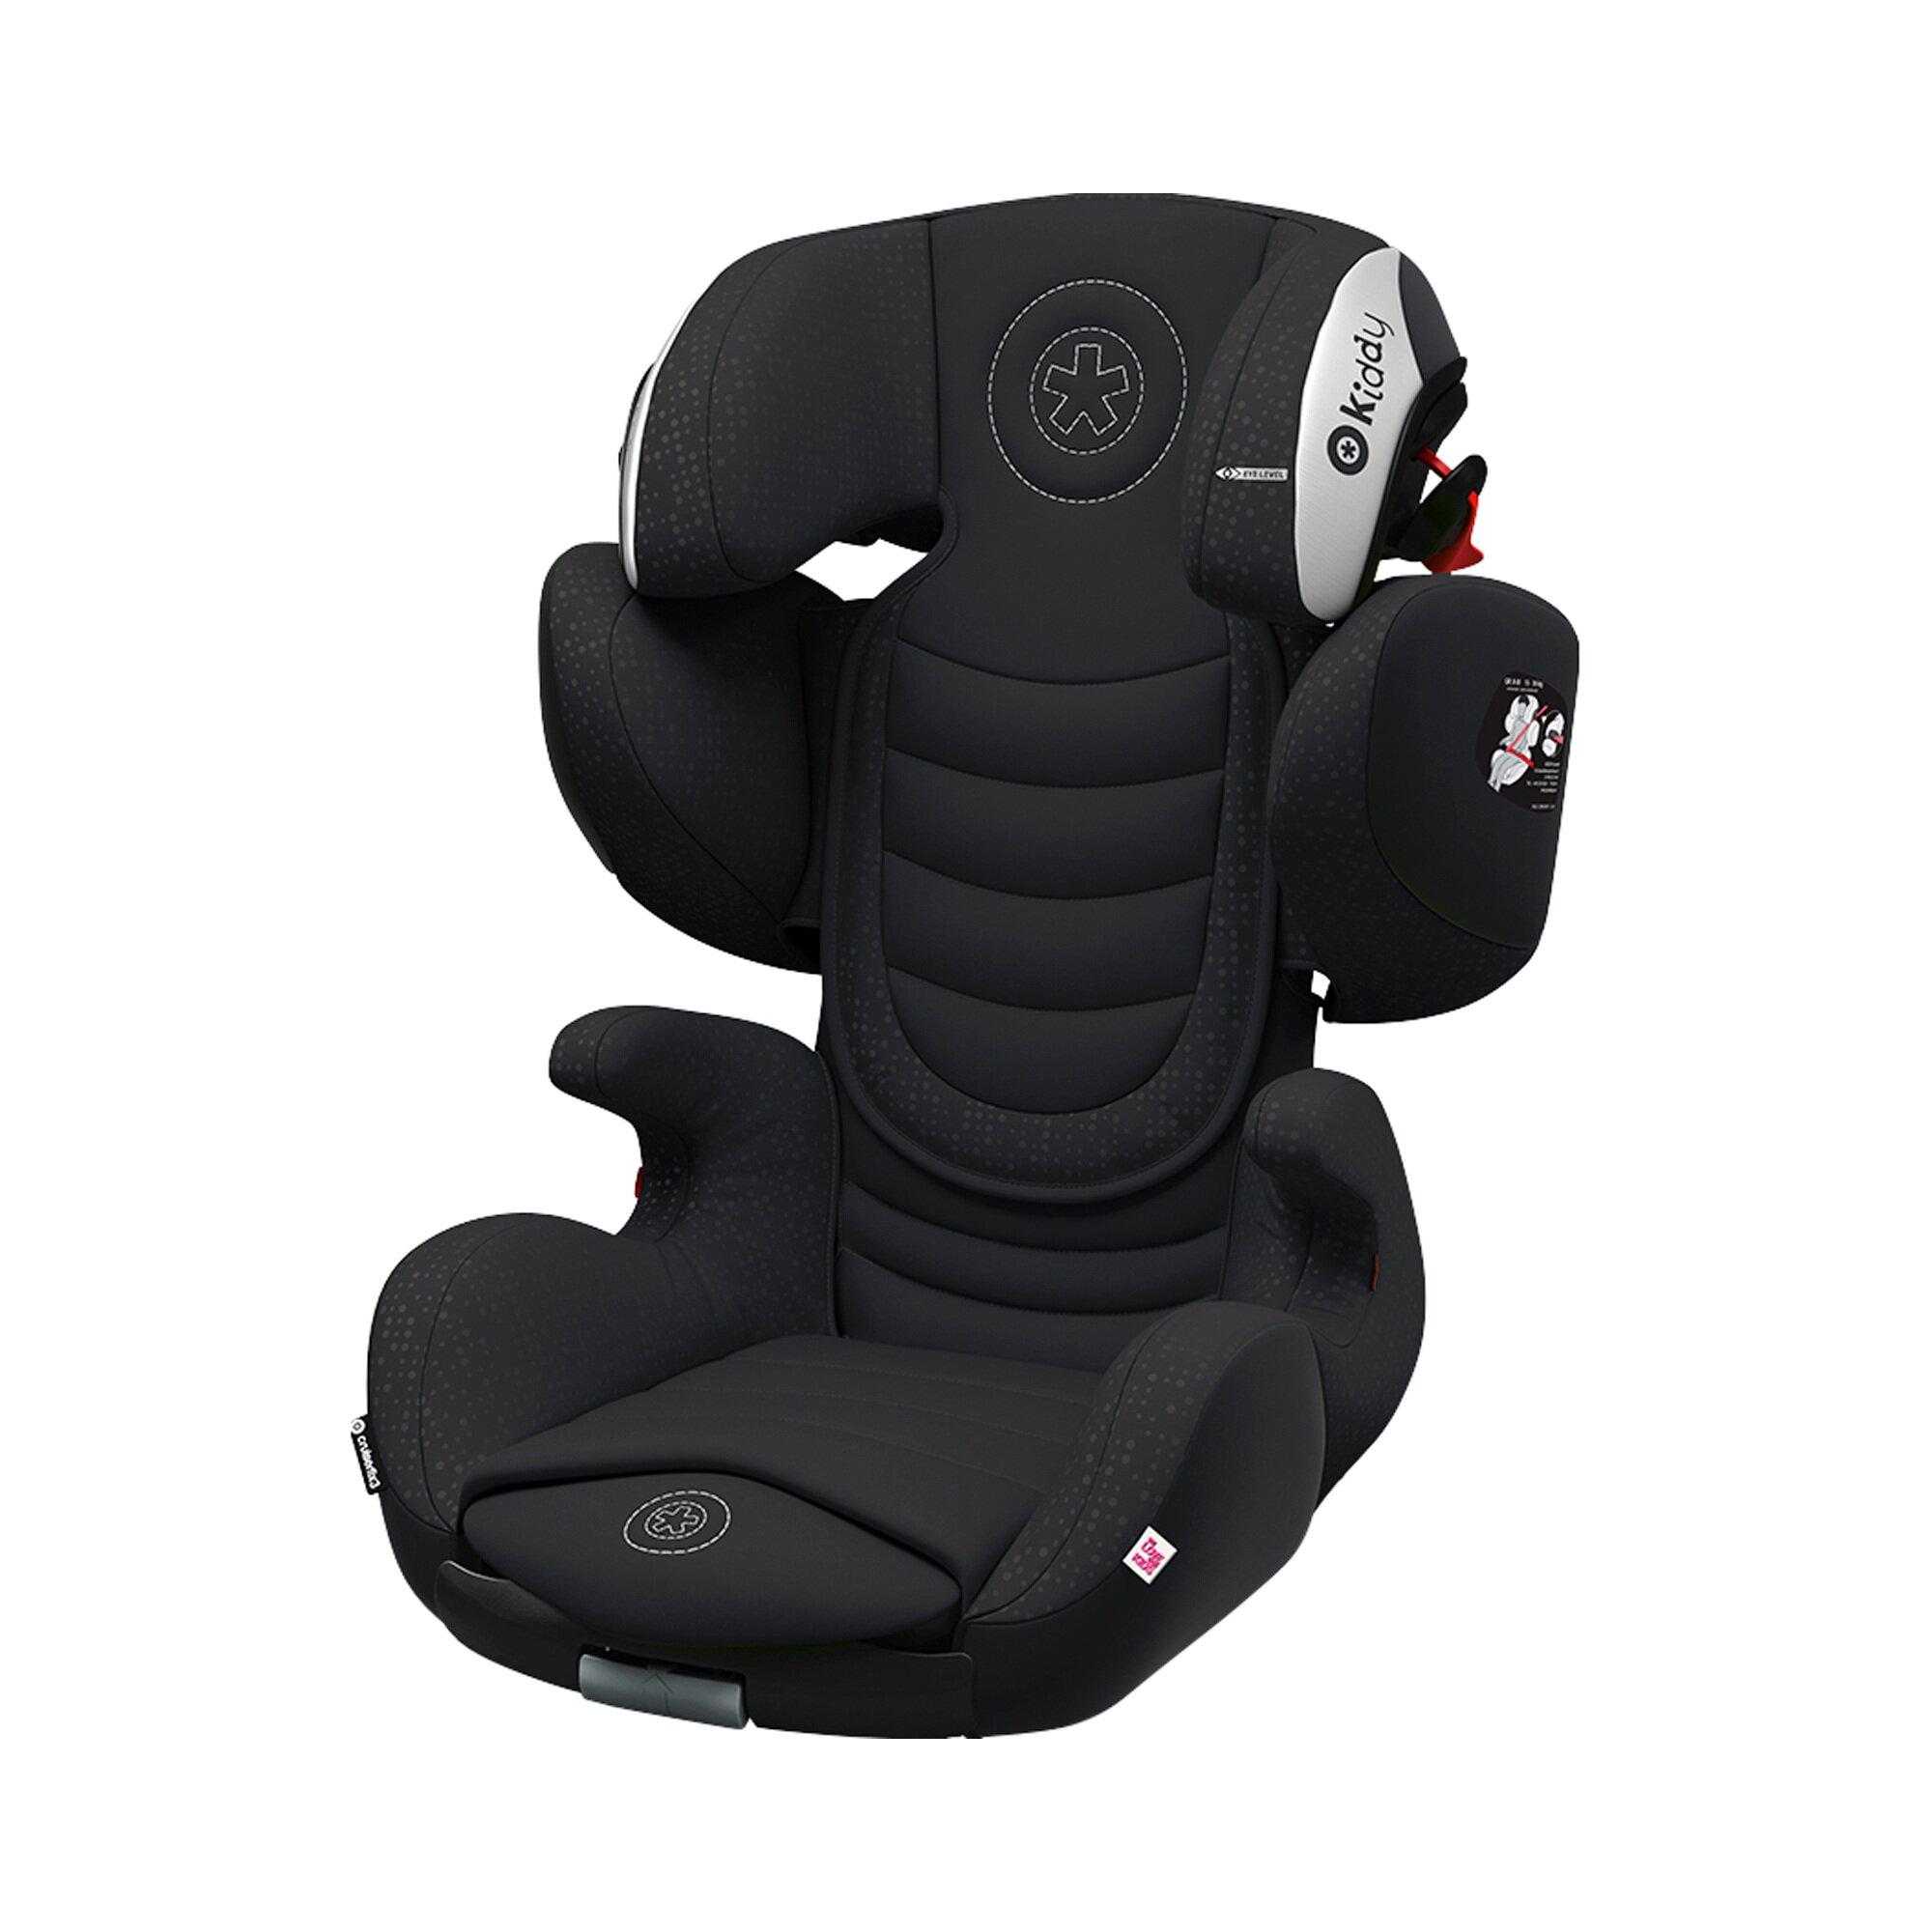 Cruiserfix 3 Kindersitz Design 2017 schwarz Preisvergleich